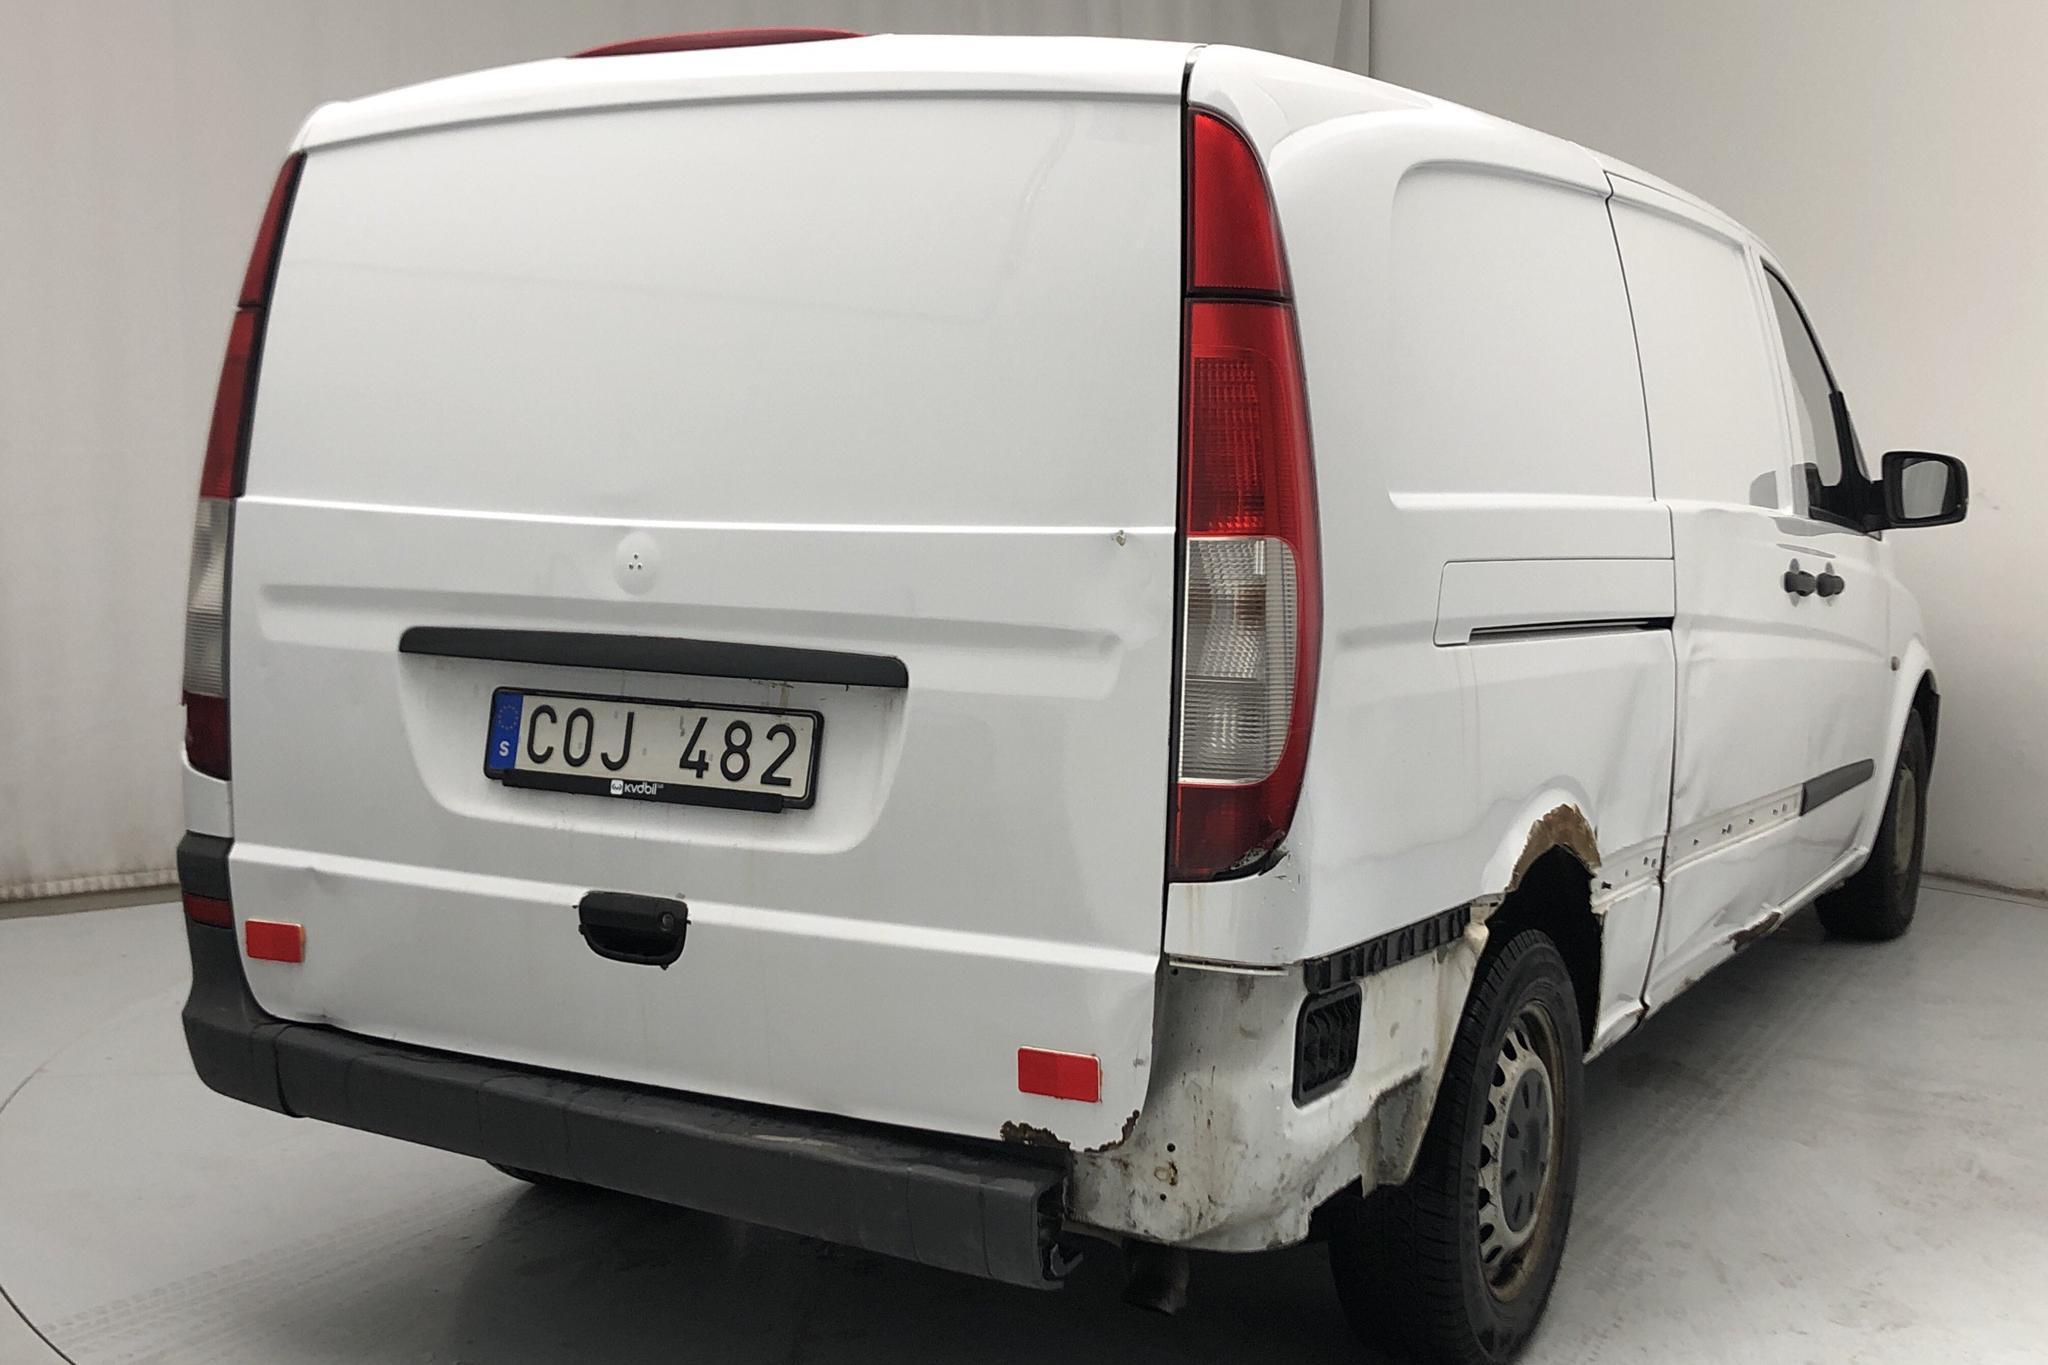 Mercedes Vito 113 CDI W639 (136hk) - 239 650 km - Automatic - white - 2013